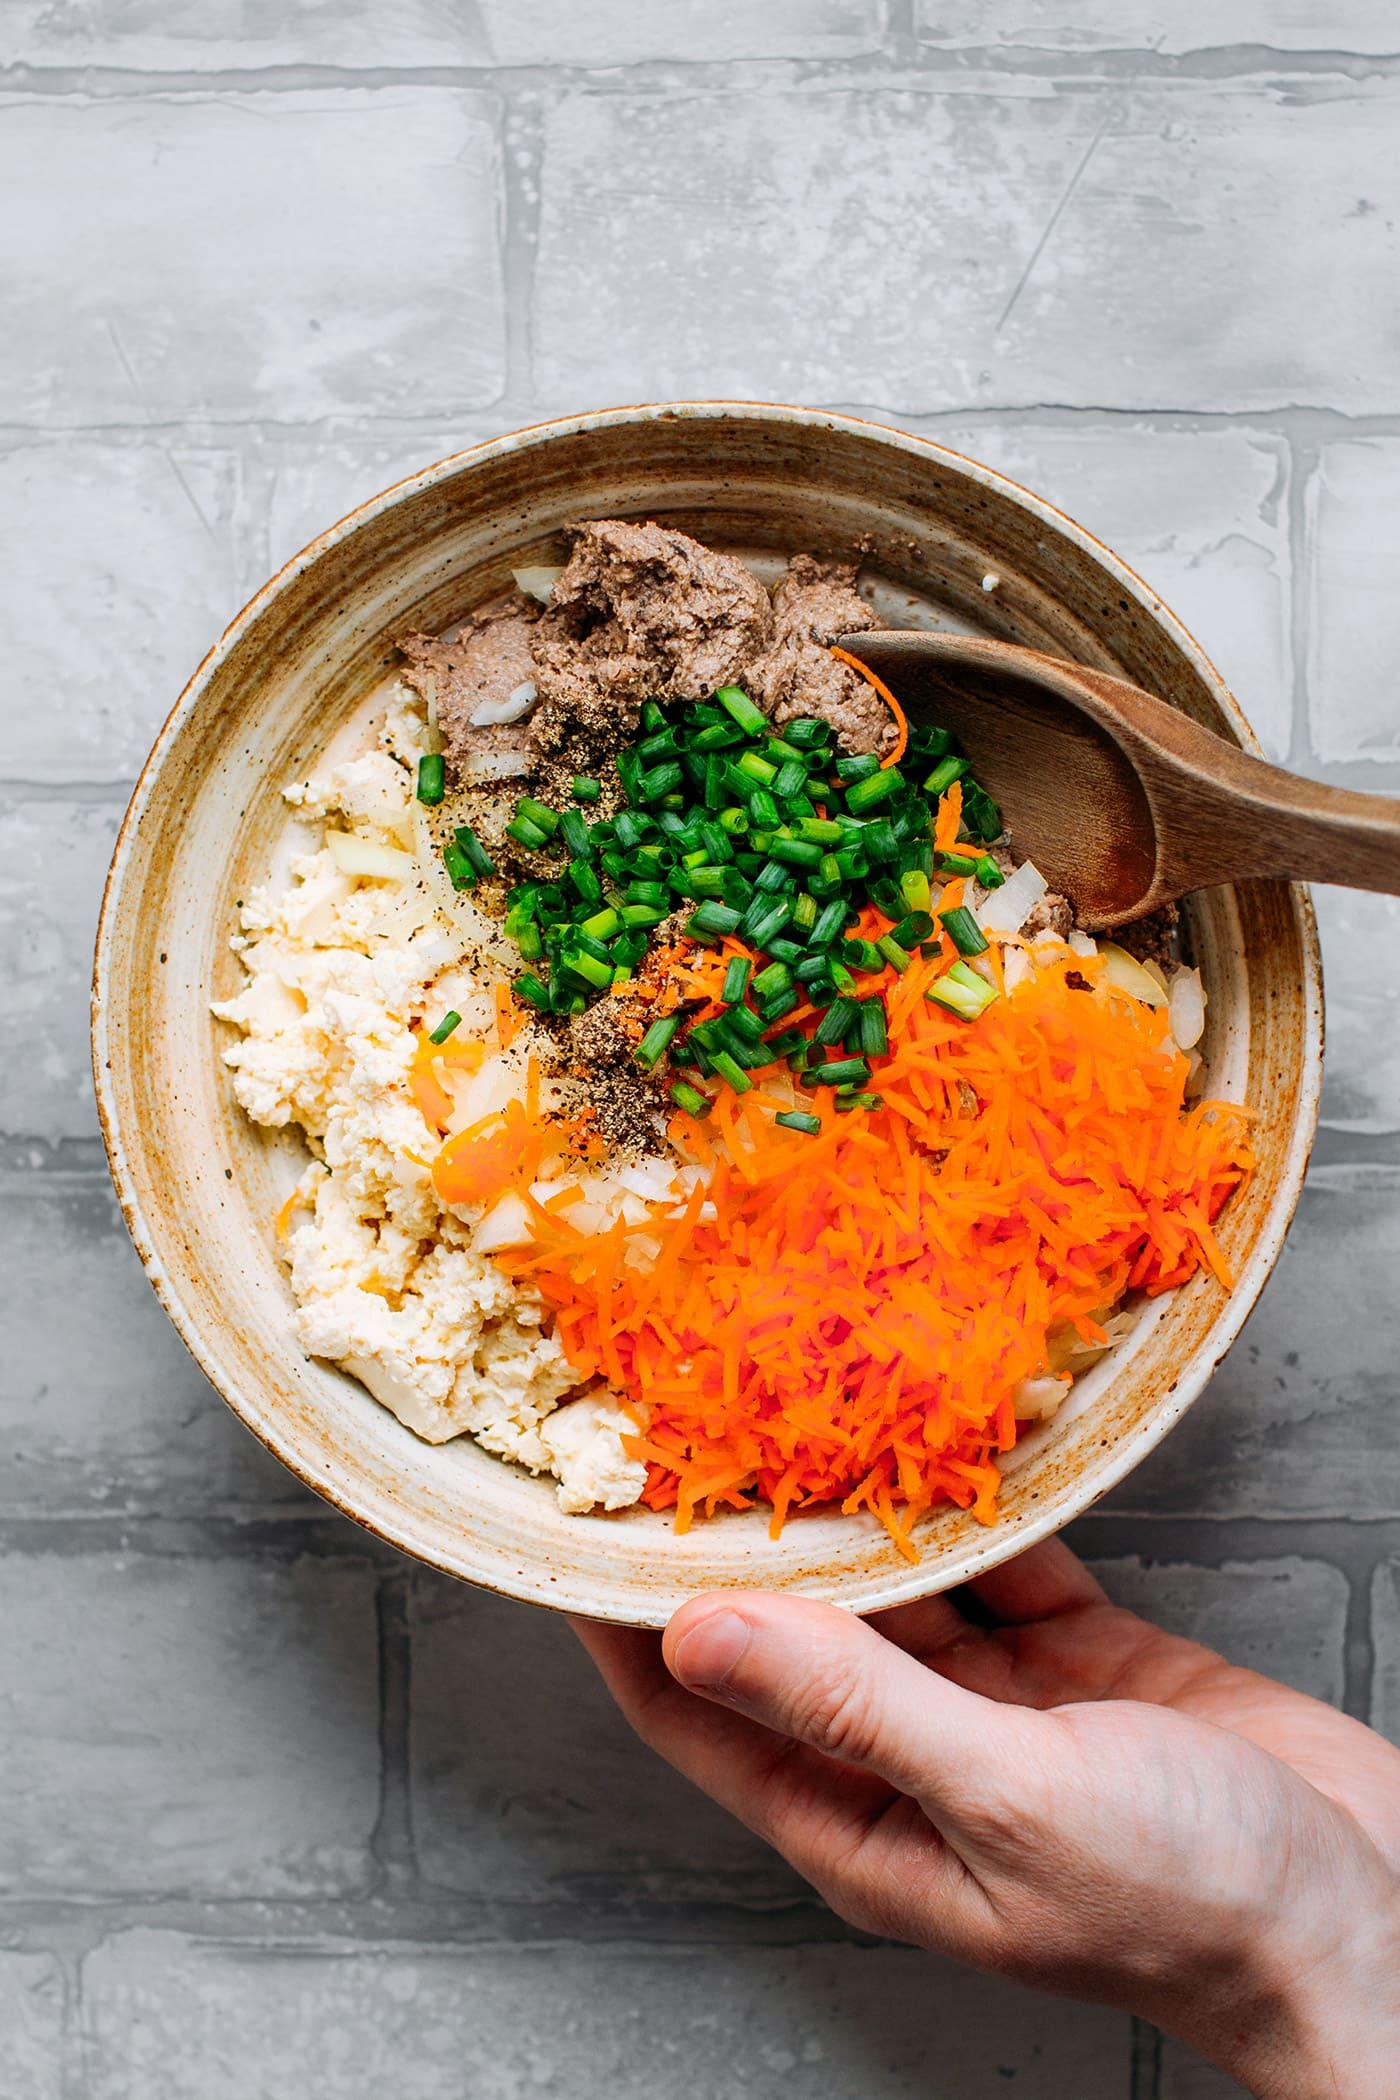 Tofu, green onions, carrots, vegan paté, and garlic in a bowl.